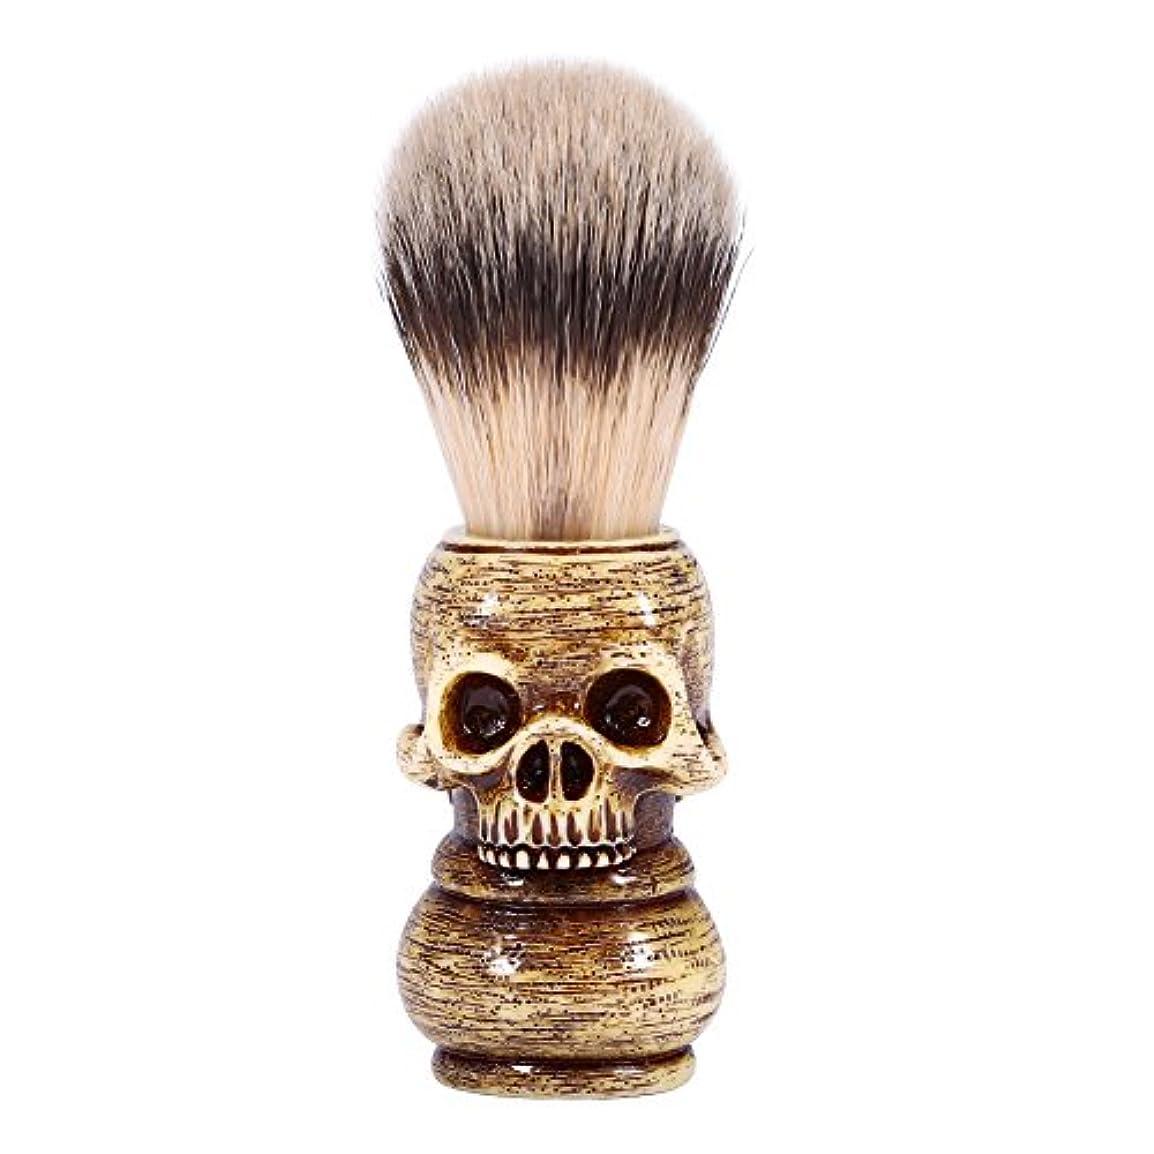 世論調査検出器じゃがいもシェービングブラシ メンズ グルーミングツール メイクアップ サロン ビアードシェービングブラシ ひげ 洗顔 髭剃り 男性 ギフト理容